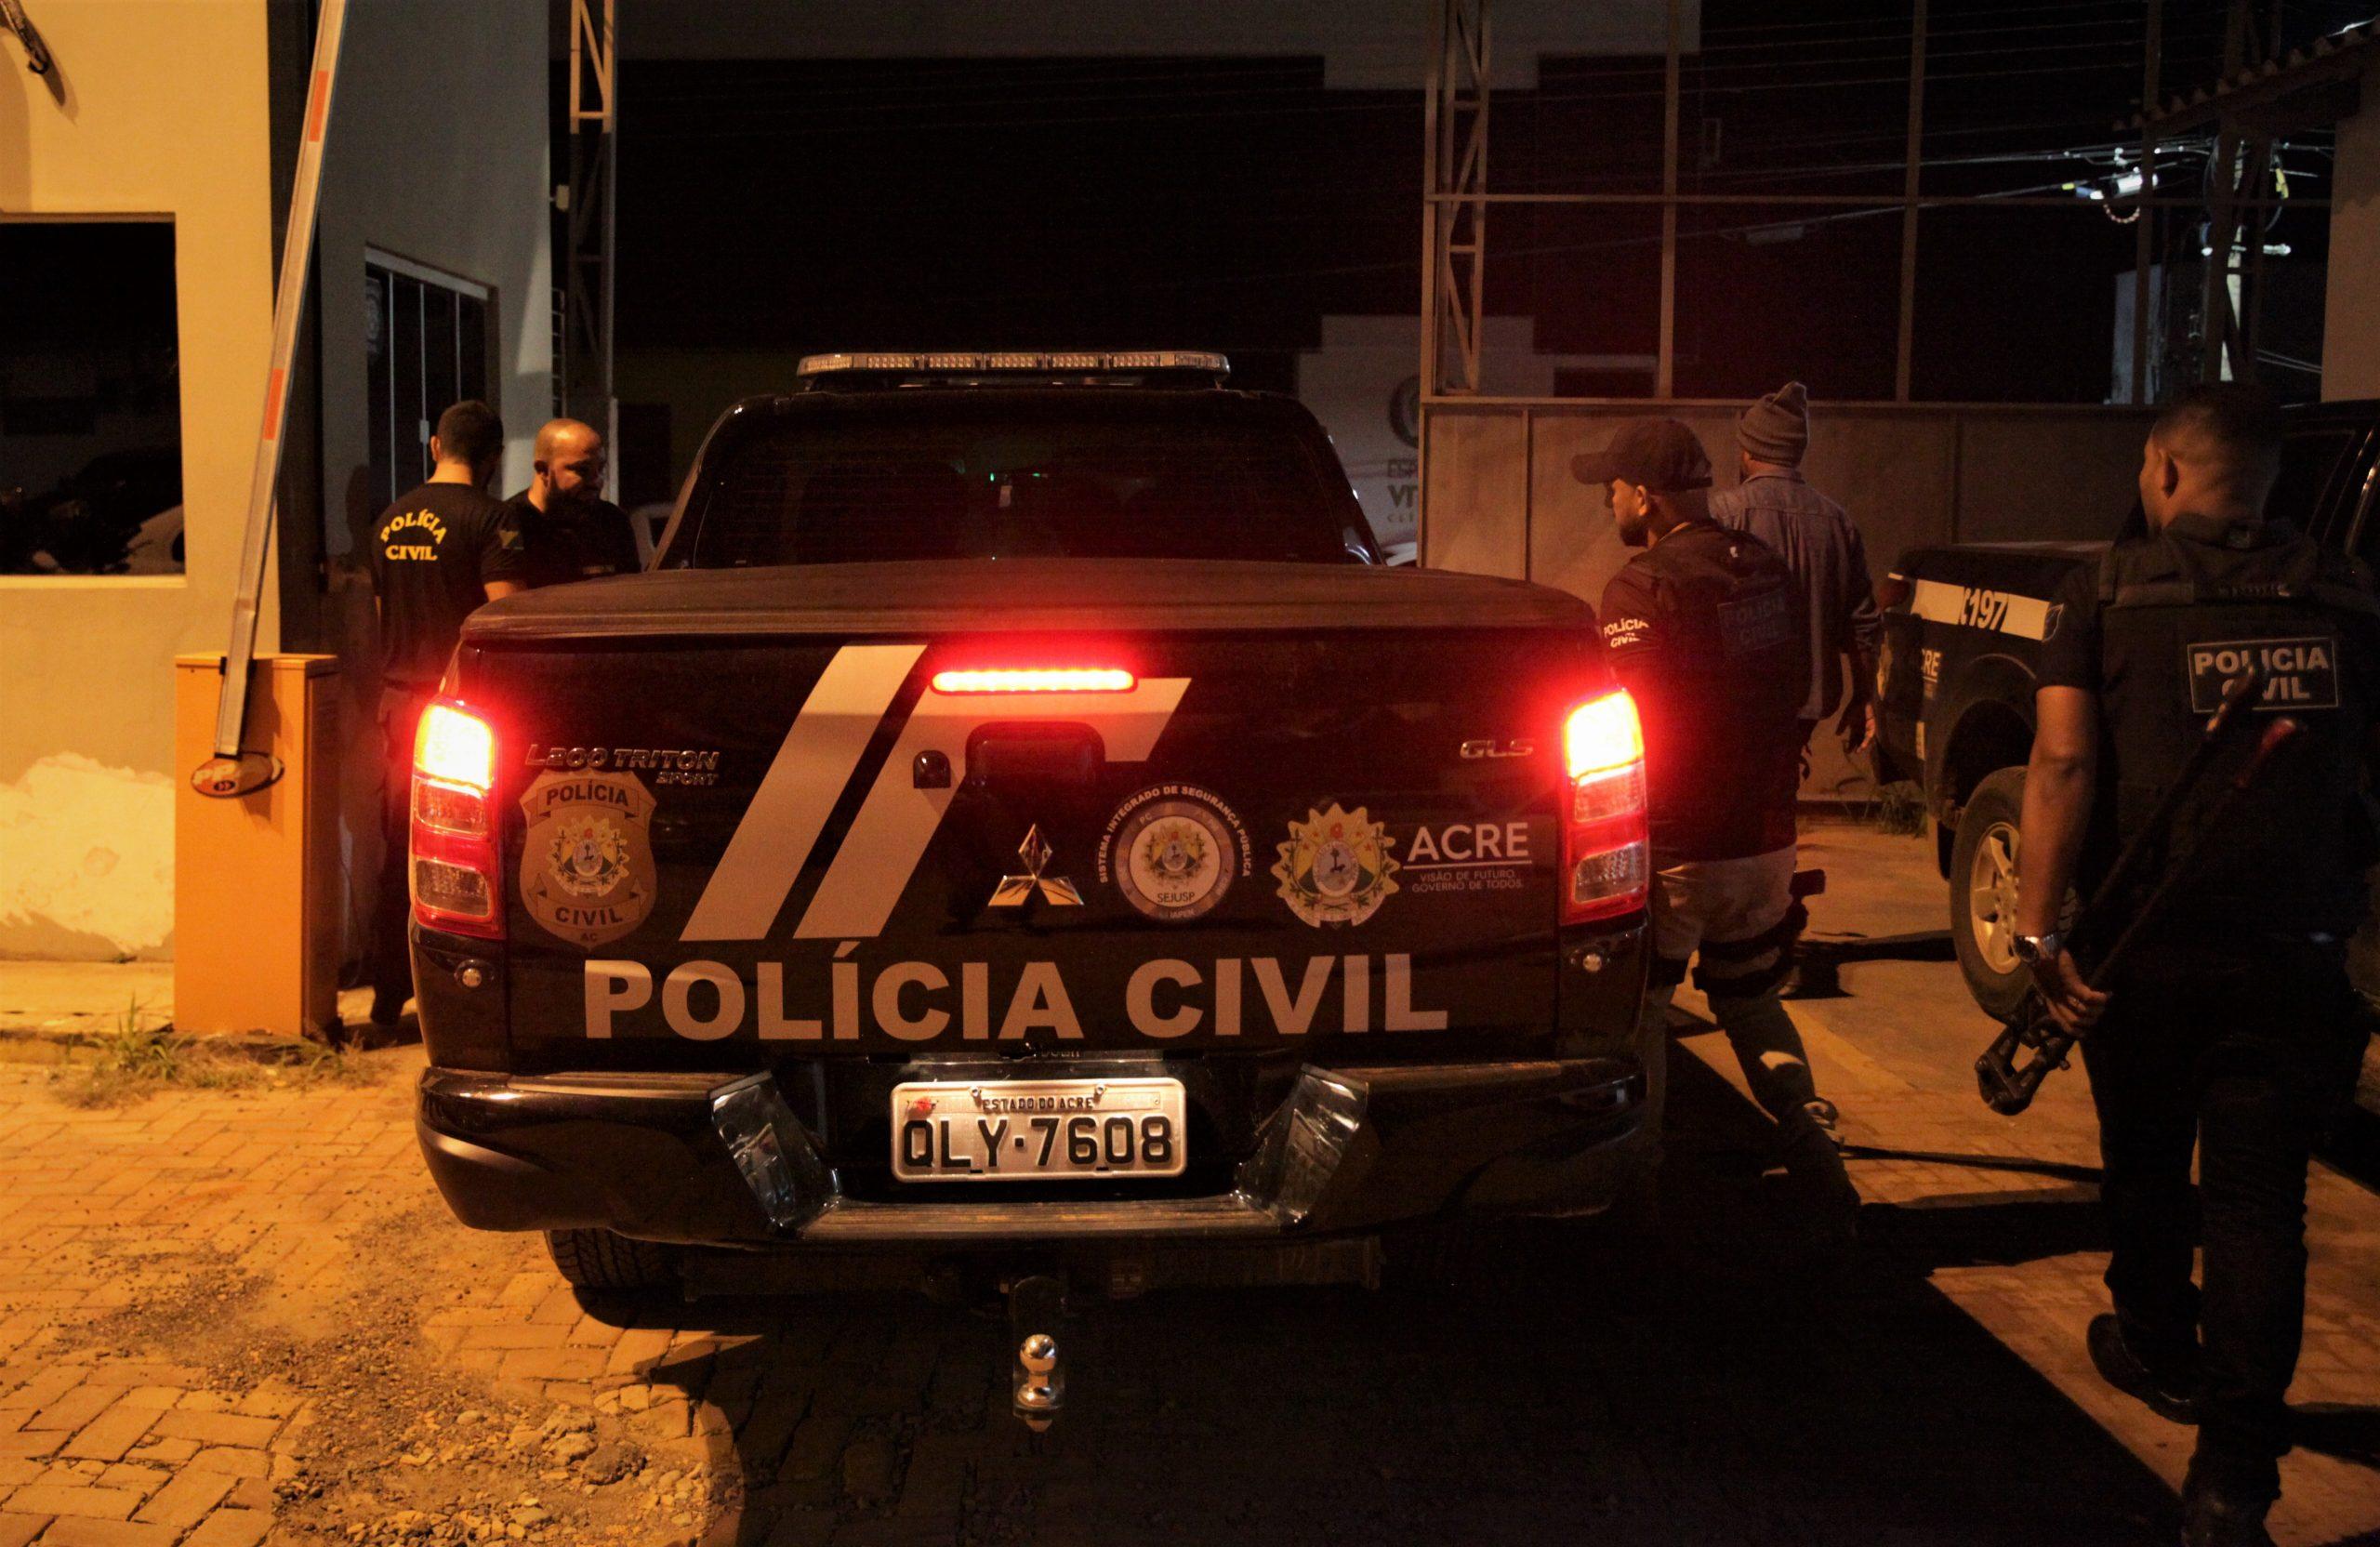 Polícia Civil do Acre prende mais de 165 membros de organização criminosa em 6 meses